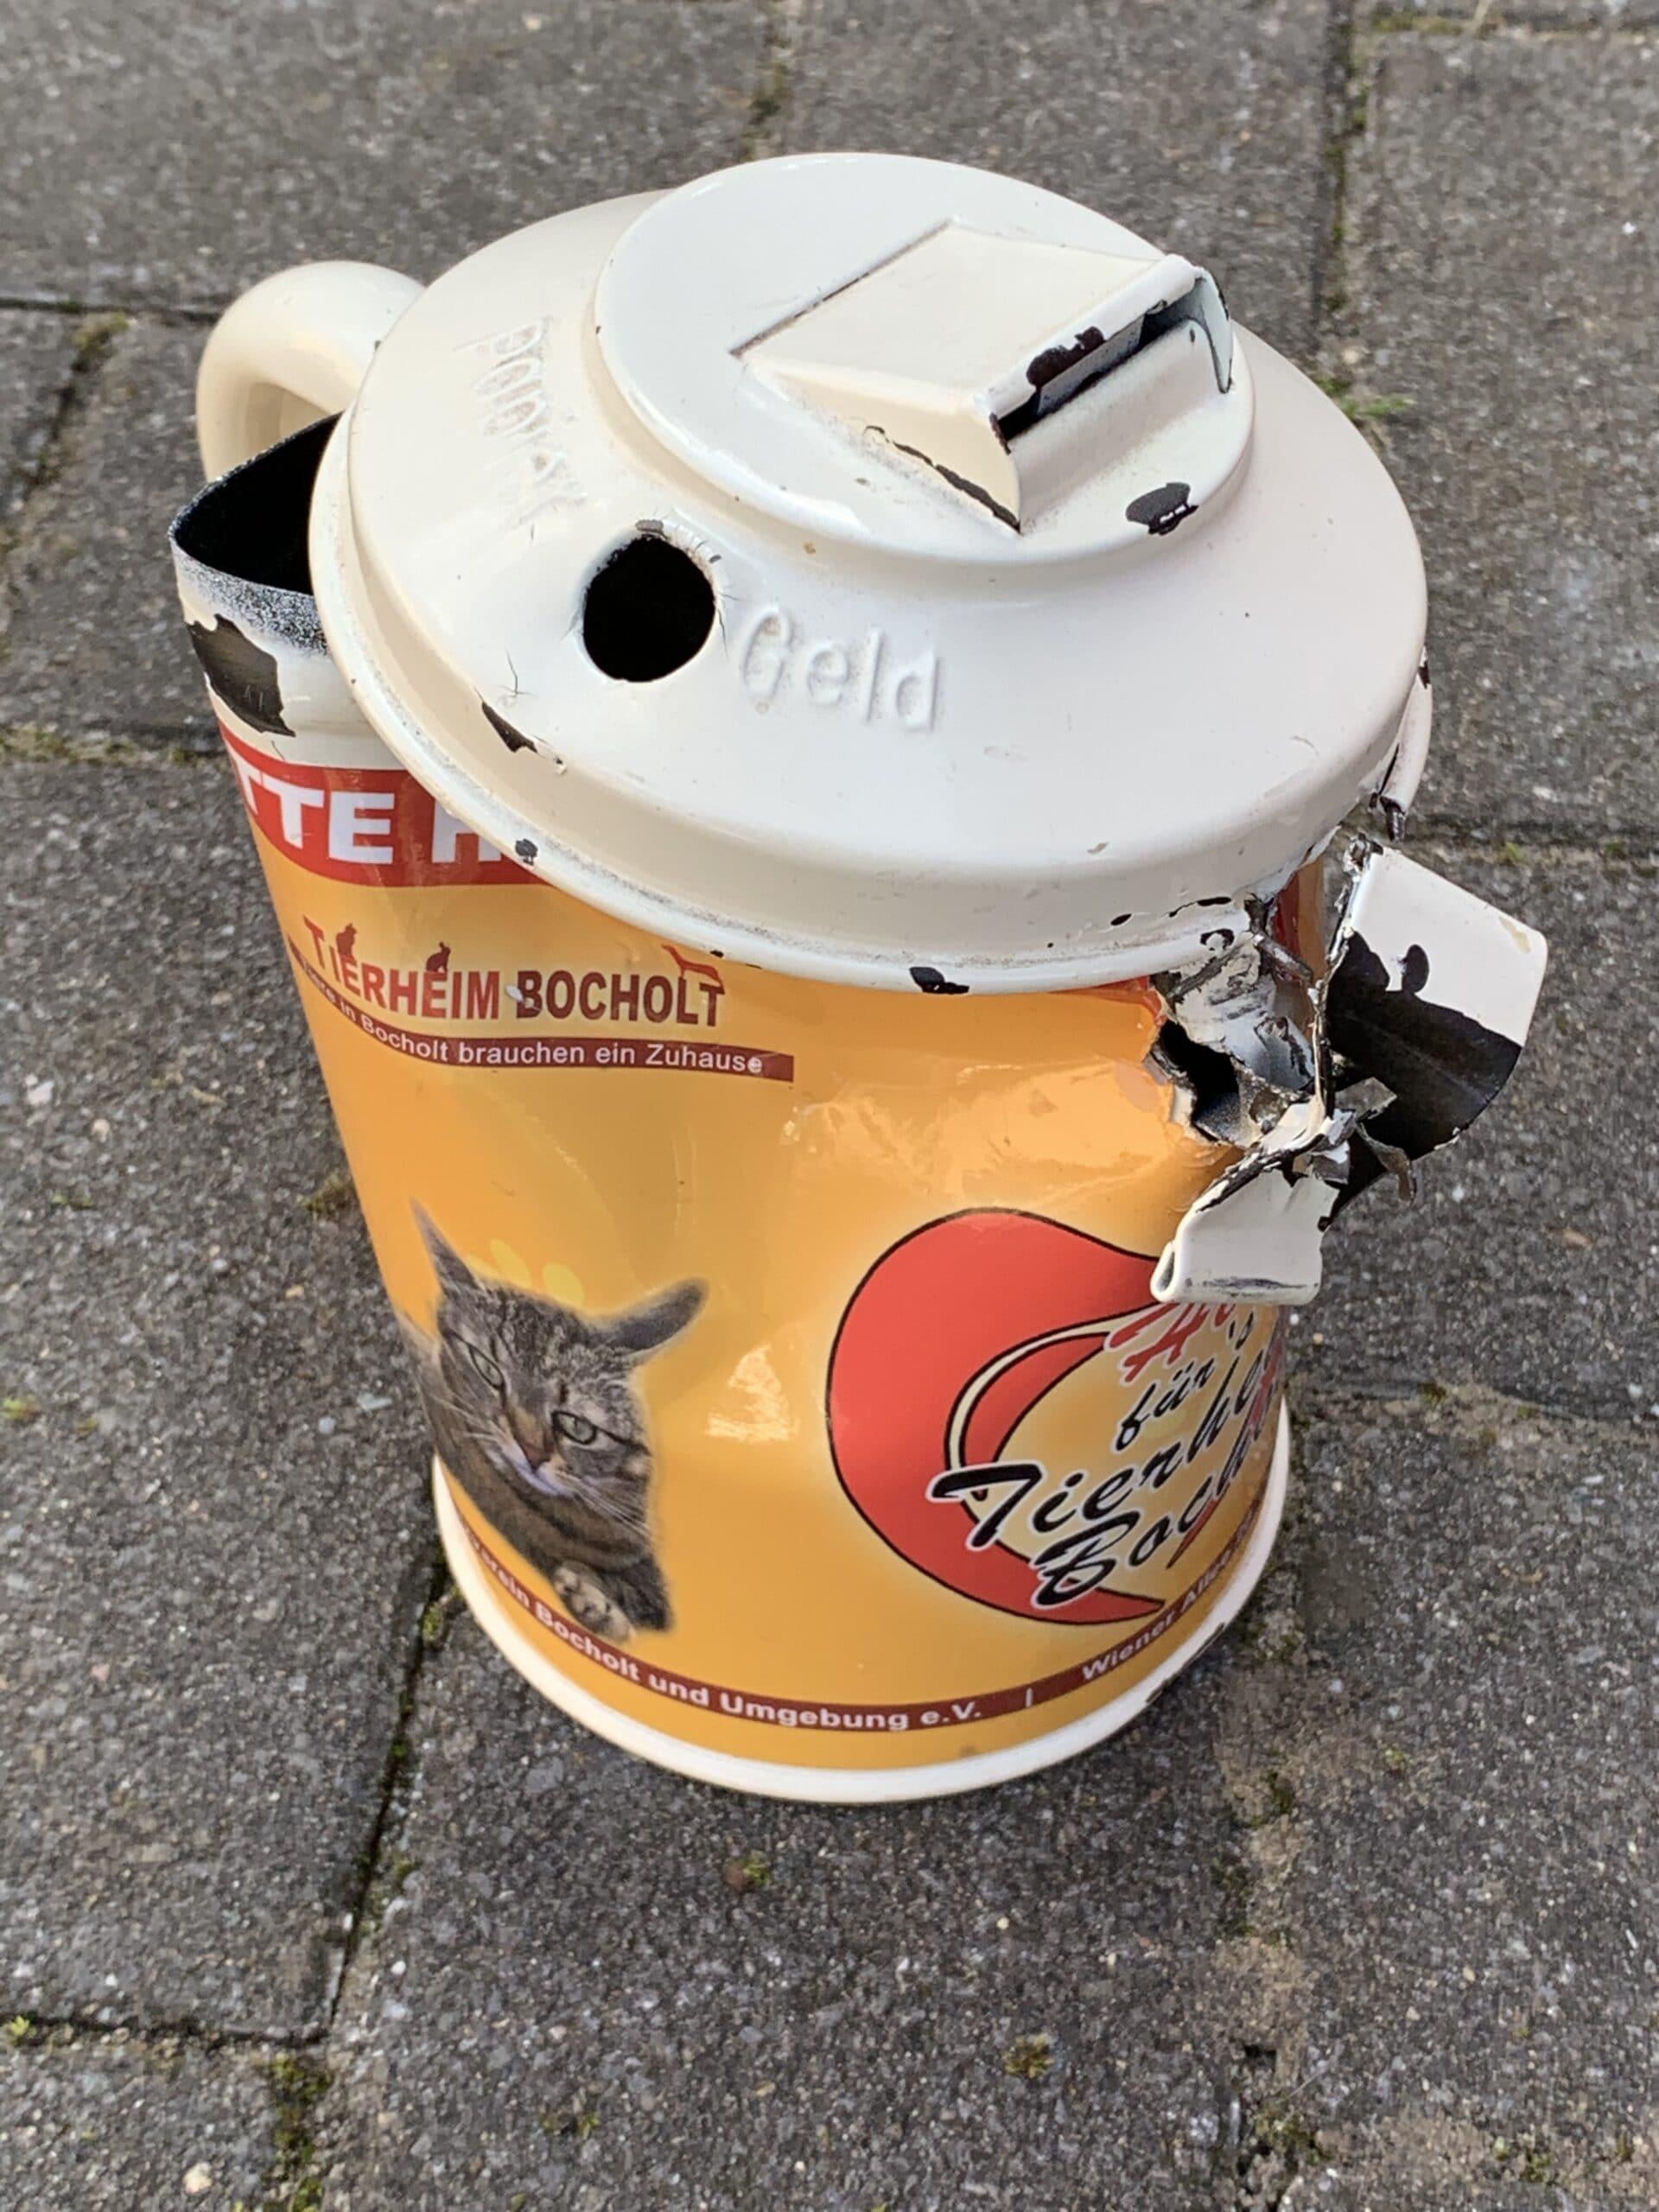 Spendendosen werden immer öfter aufgebrochen !